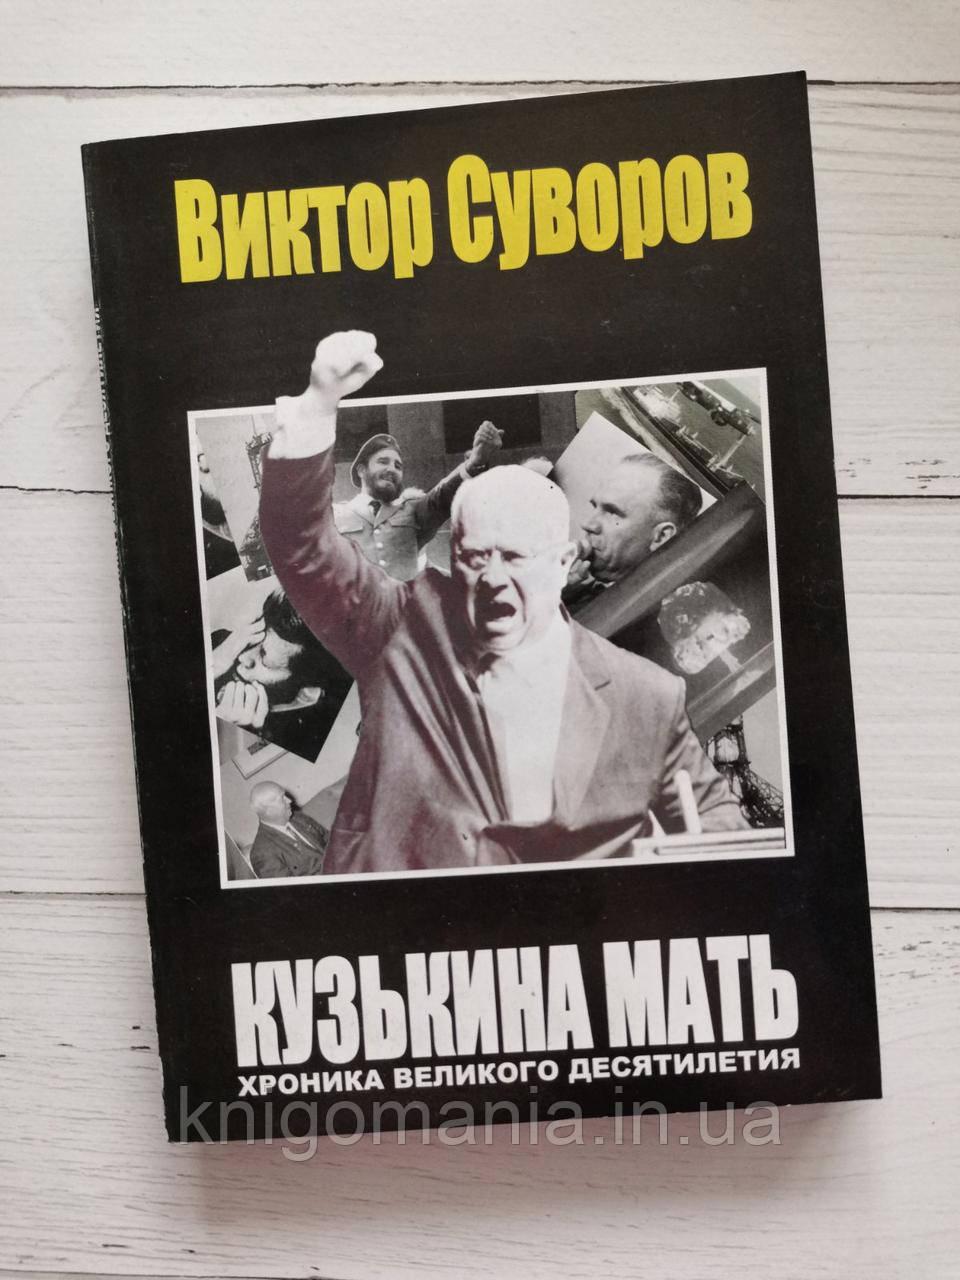 Кузькіна мать. Хроніка великого десятиліття. Віктор Суворов